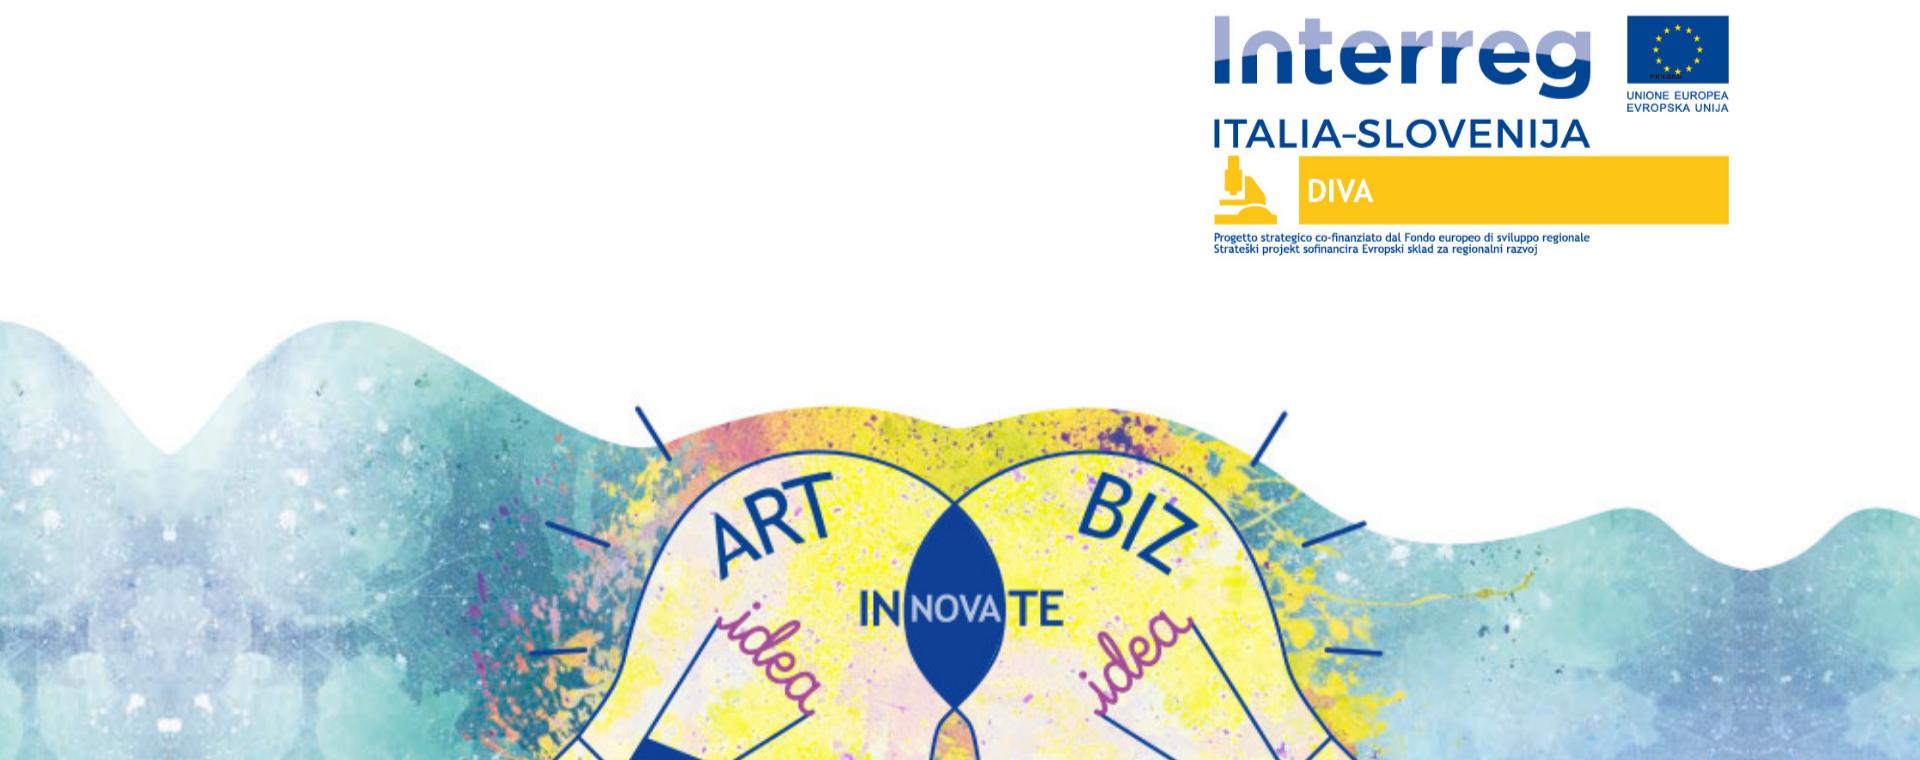 Immagine: Cultura e creatività per innovare in azienda